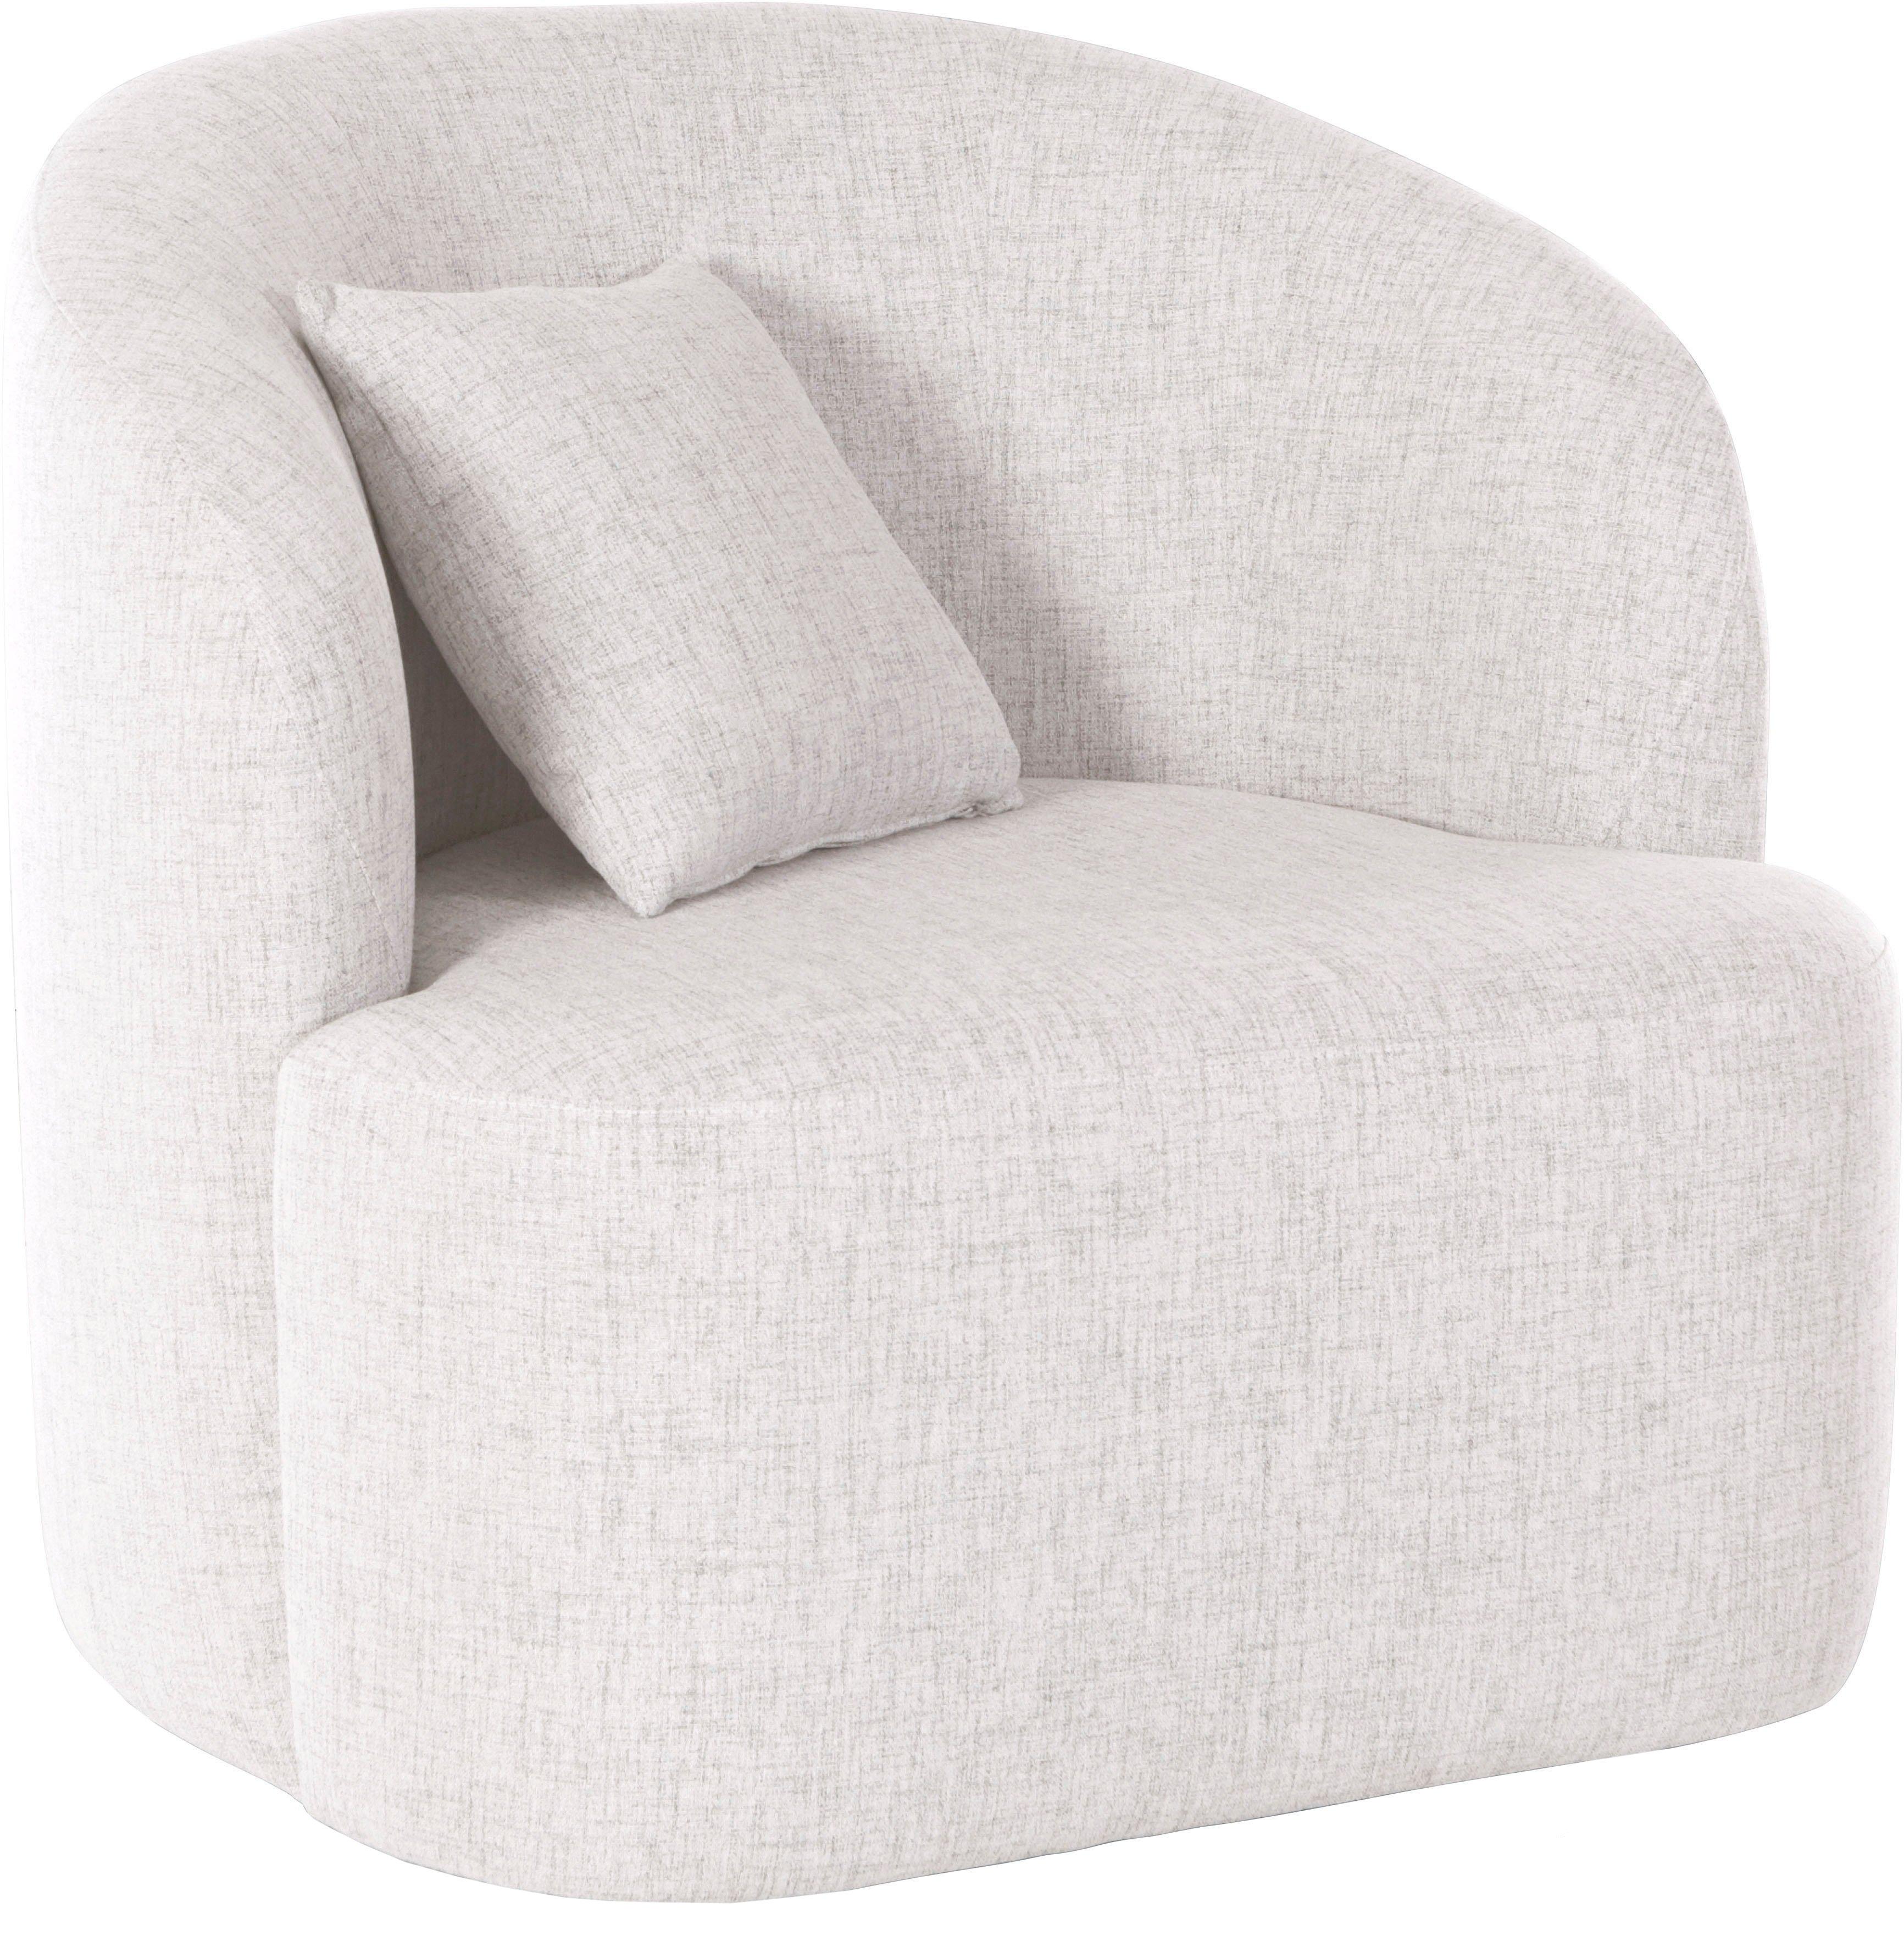 LeGer Home by Lena Gercke draaibare fauteuil »Dilara« bestellen: 30 dagen bedenktijd